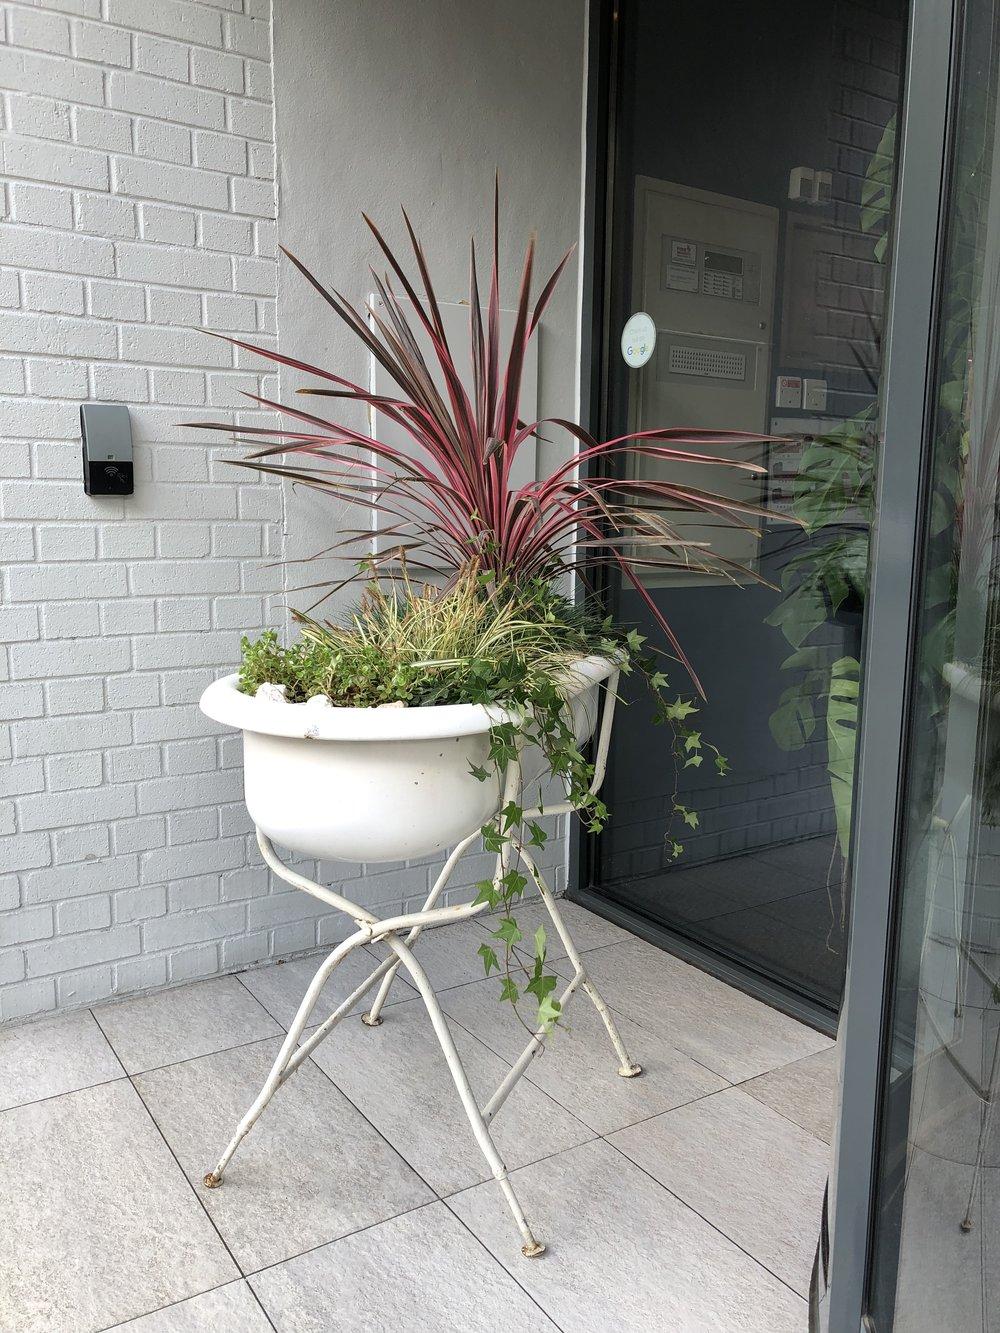 Vintage bath tubs outdoor planter in London